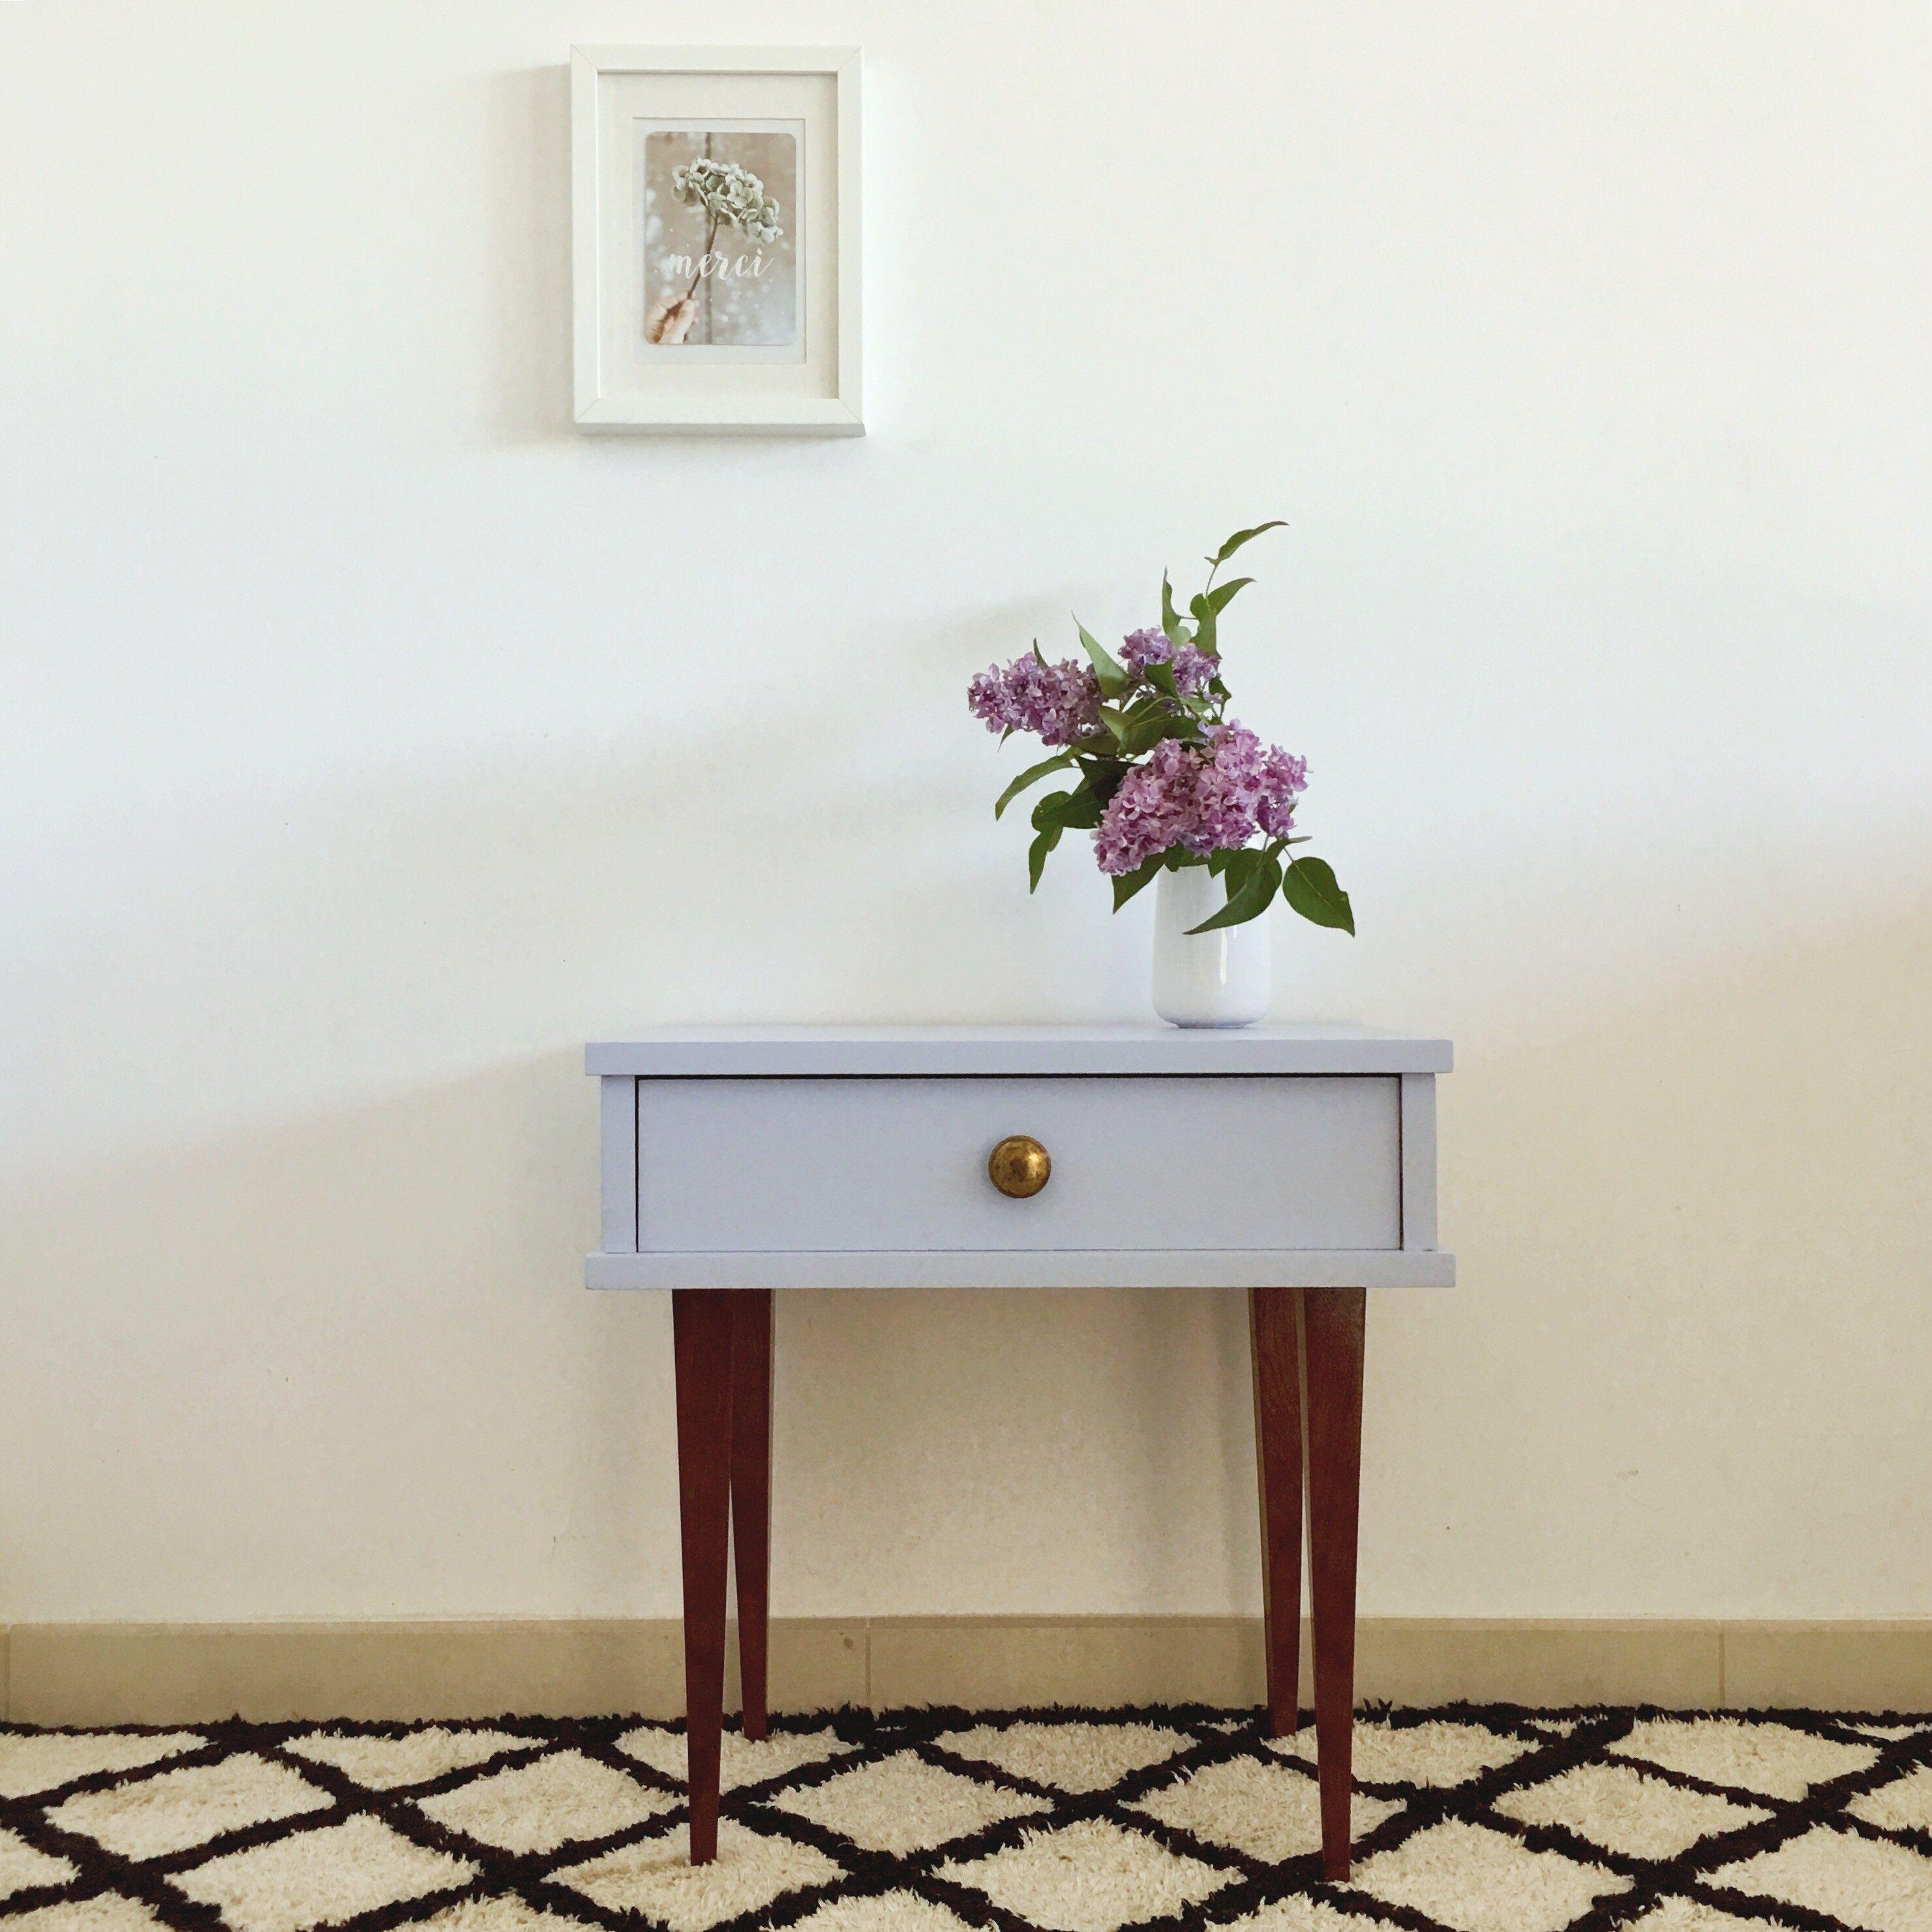 chevet vintage parme doccasion vintage design scandinave industriel ancien vendu - Table De Chevet D Occasion